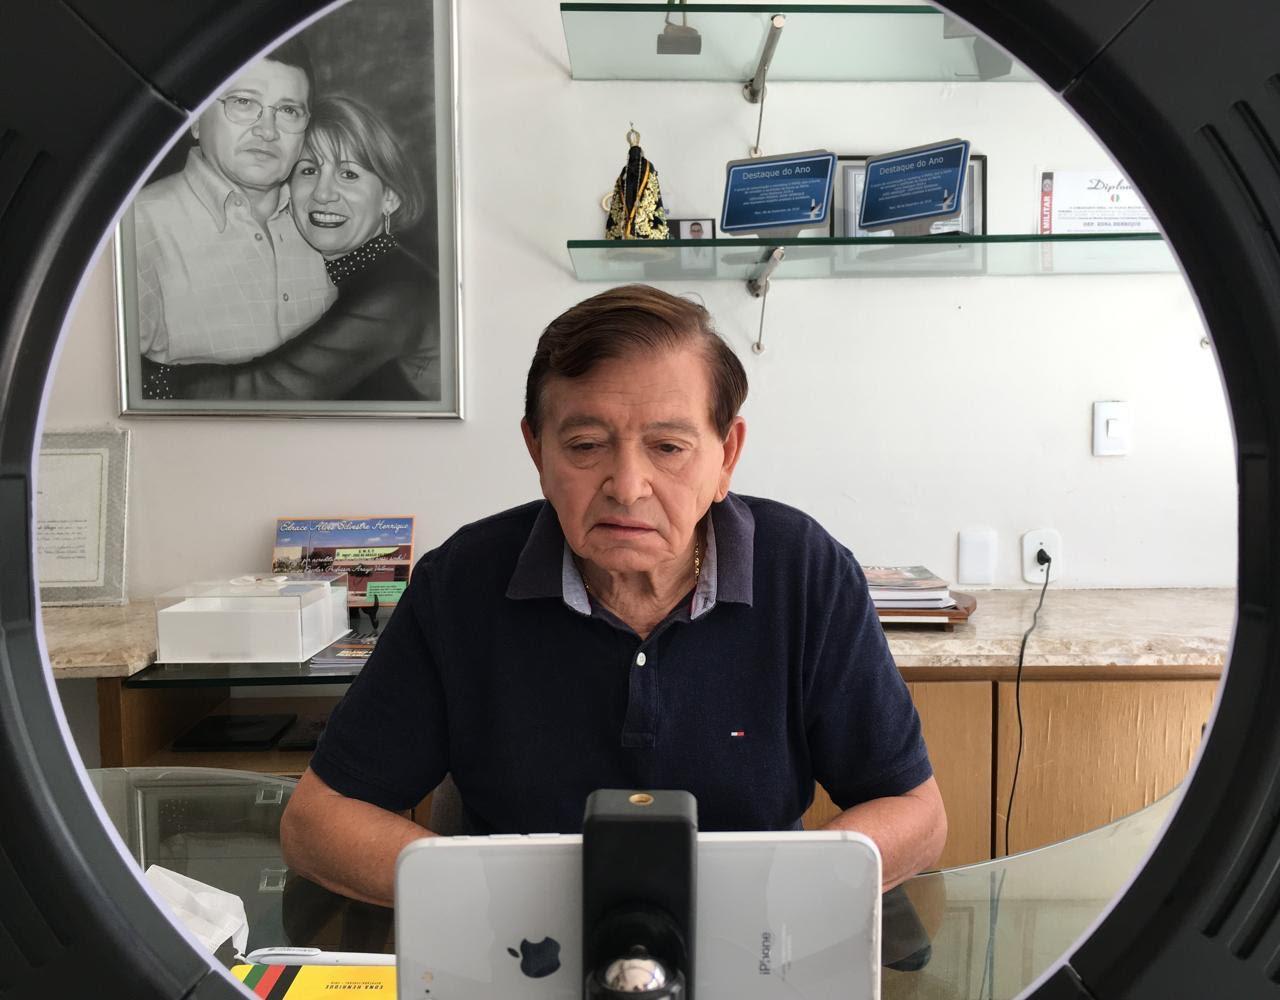 Depeputado-Joao-Henrique Assessoria divulga horários de velório e sepultamento do deputado estadual João Henrique